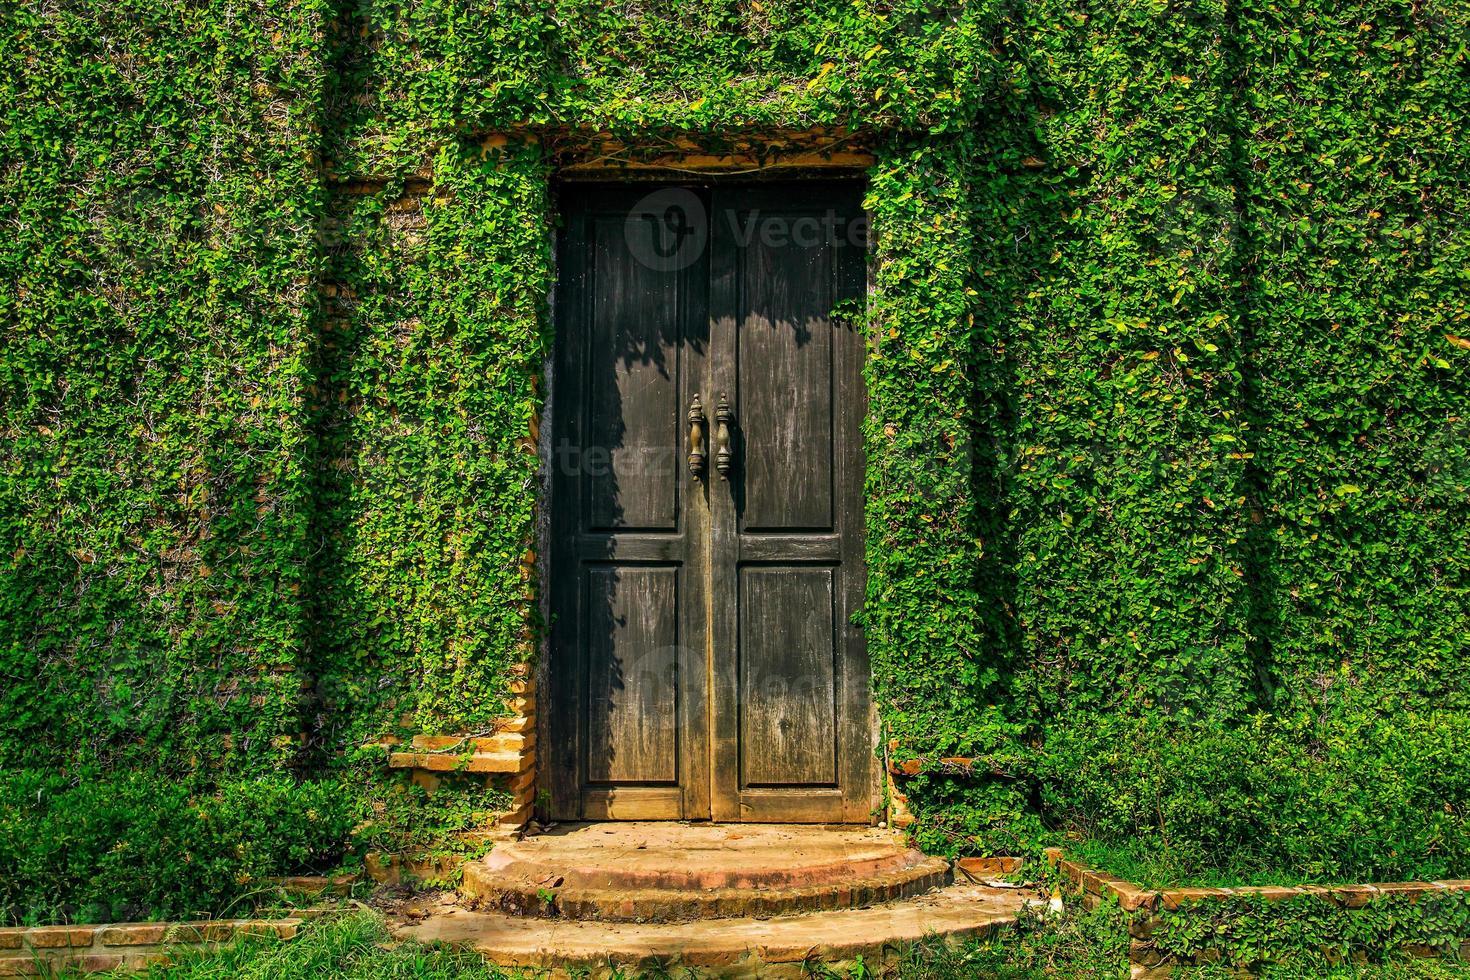 mur recouvert de lierre vert photo